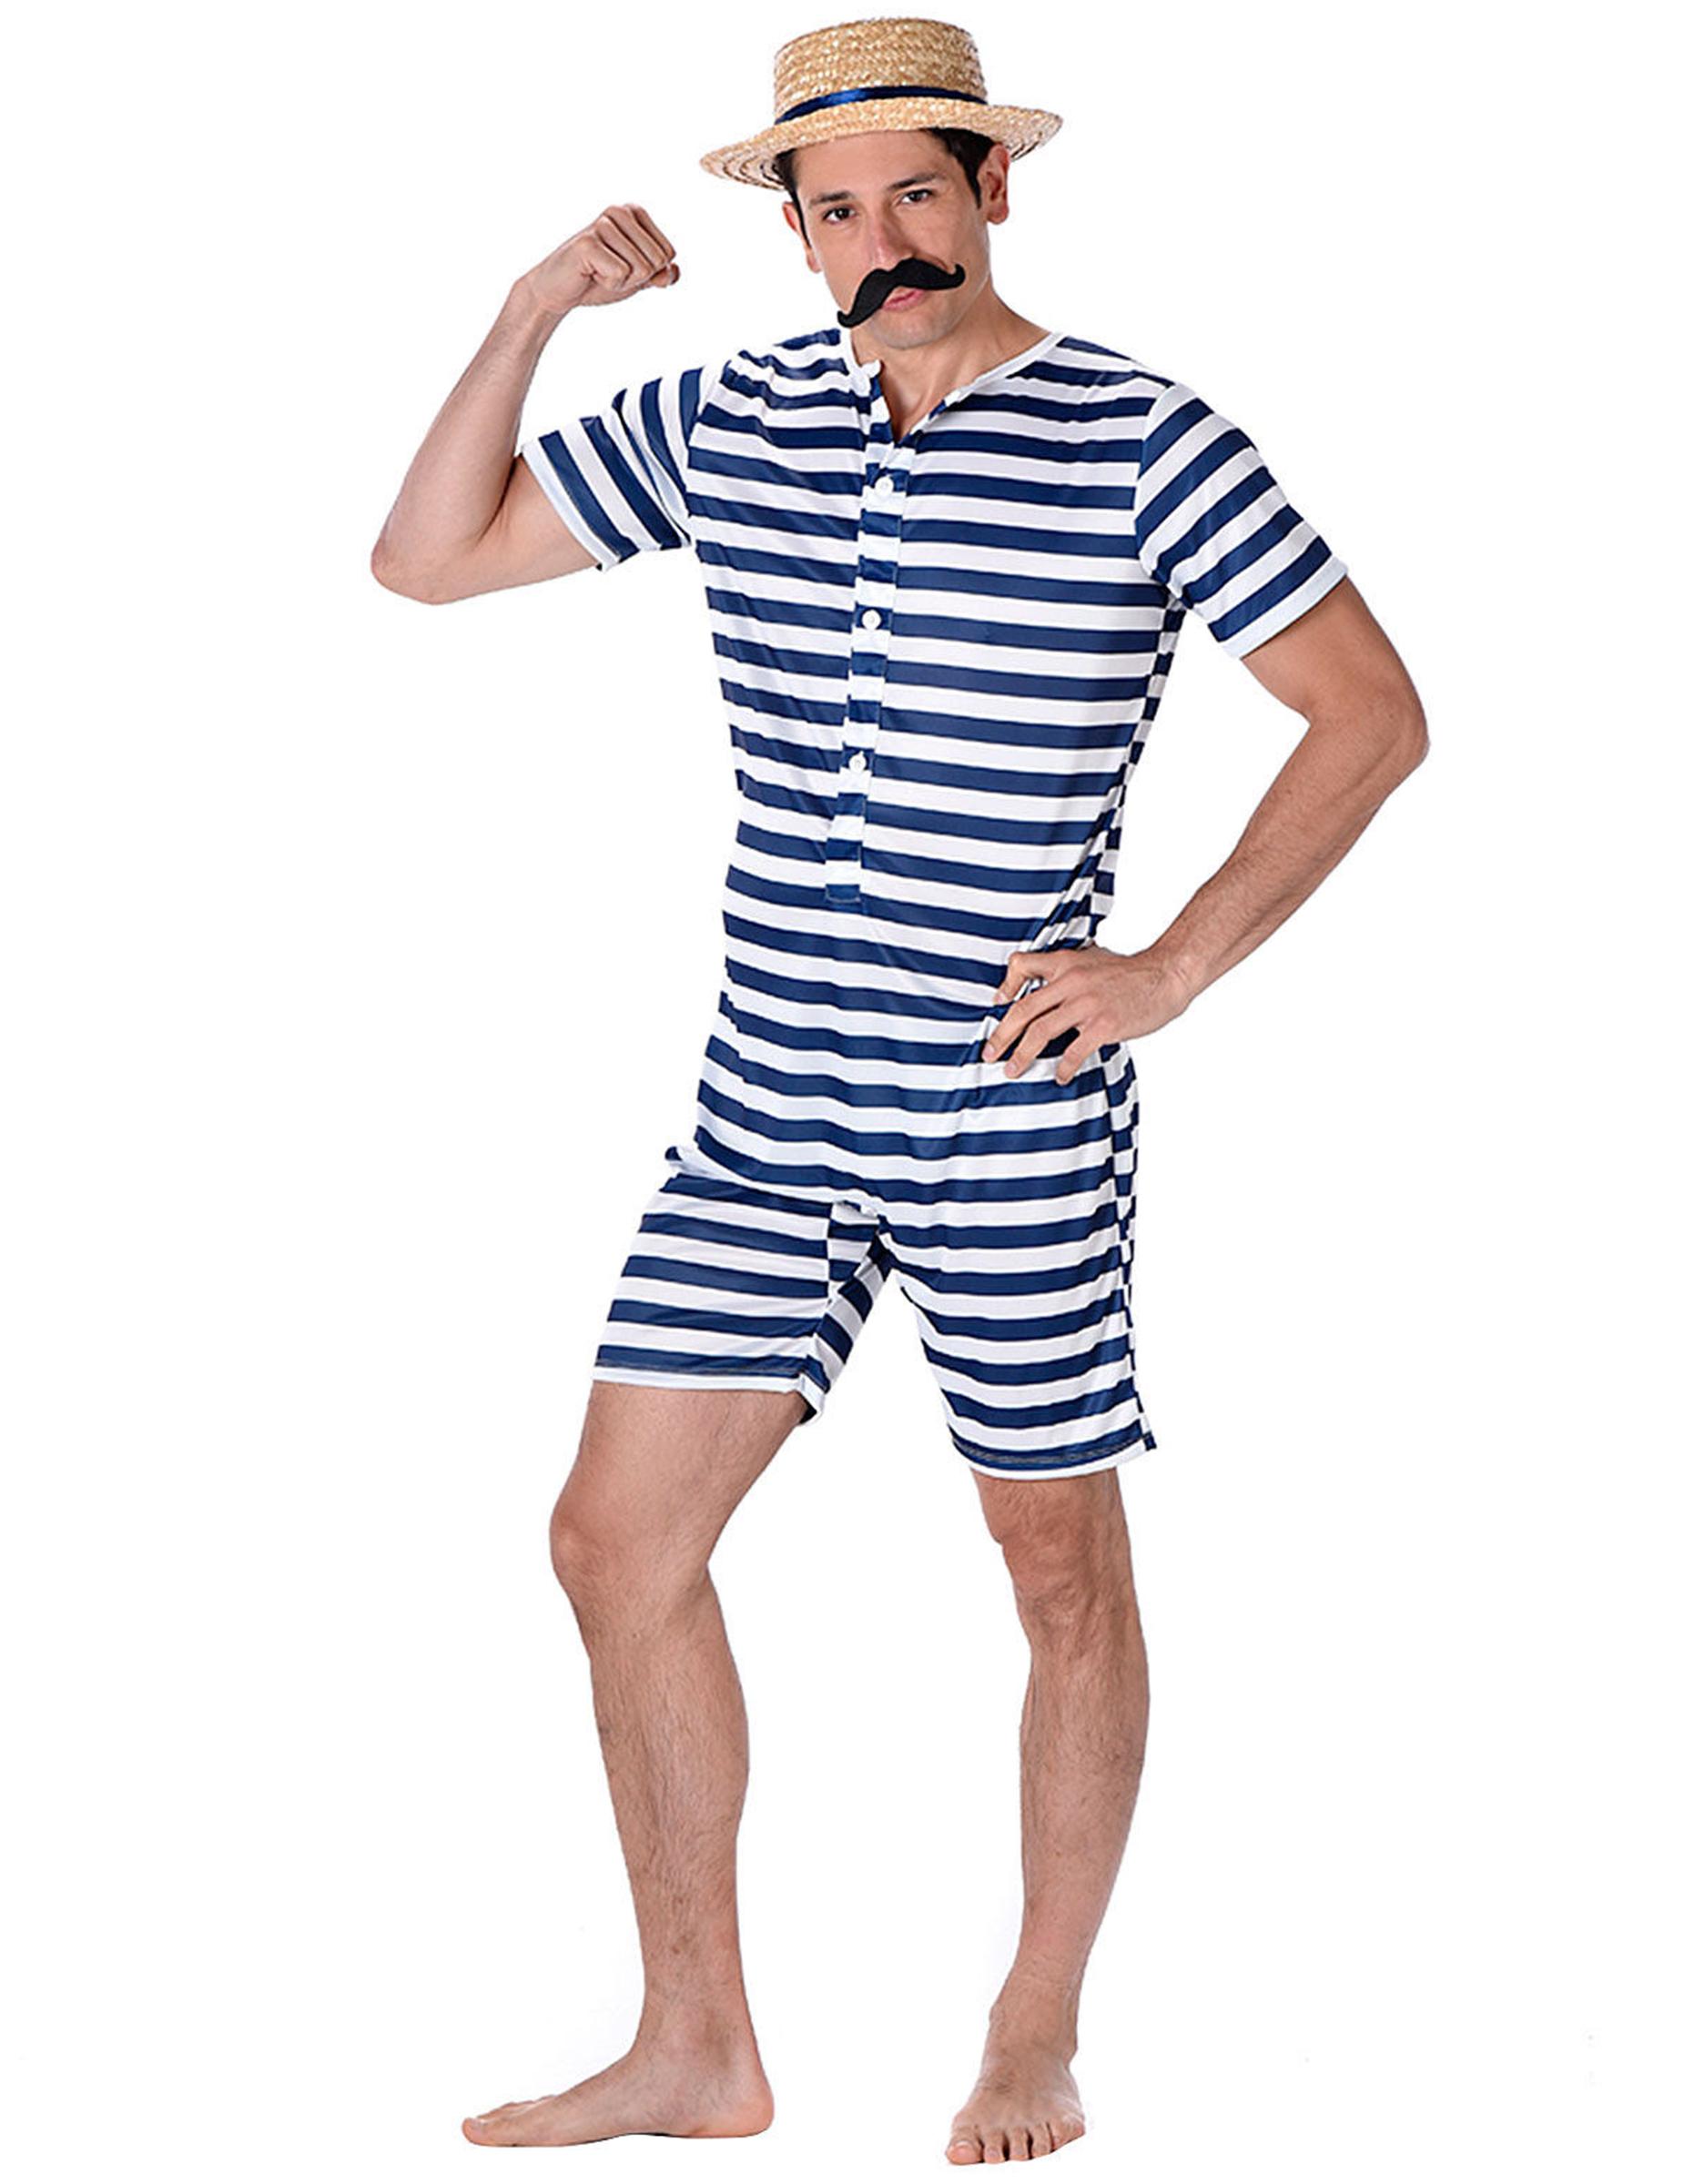 Costume da bagno retr per uomo costumi adulti e vestiti di carnevale online vegaoo - In costume da bagno ...